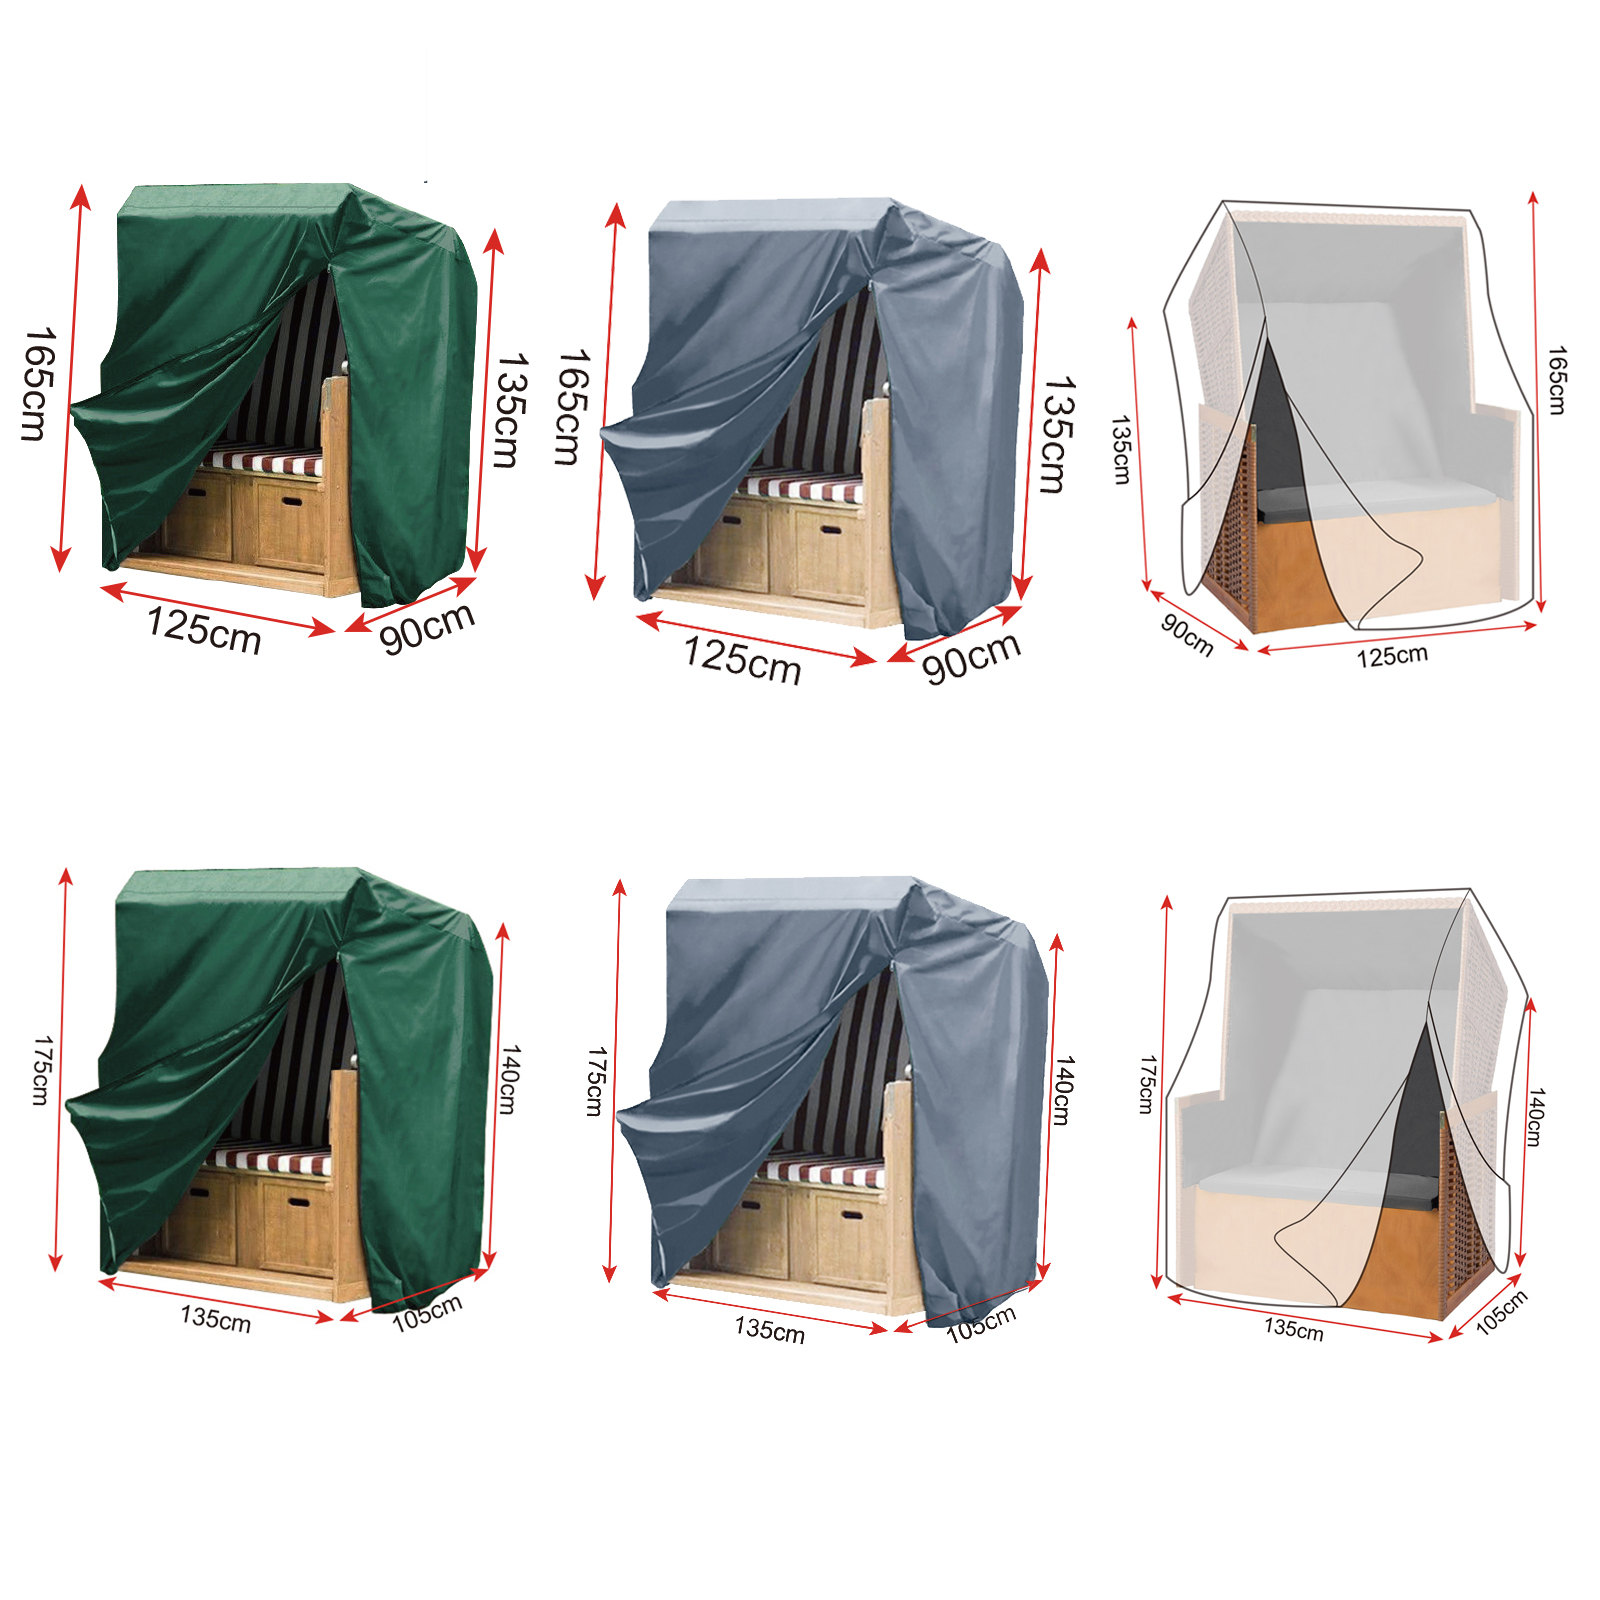 strandkorb schutzh lle abdeckhaube plane abdeckung mit rei verschluss xl xxl ebay. Black Bedroom Furniture Sets. Home Design Ideas